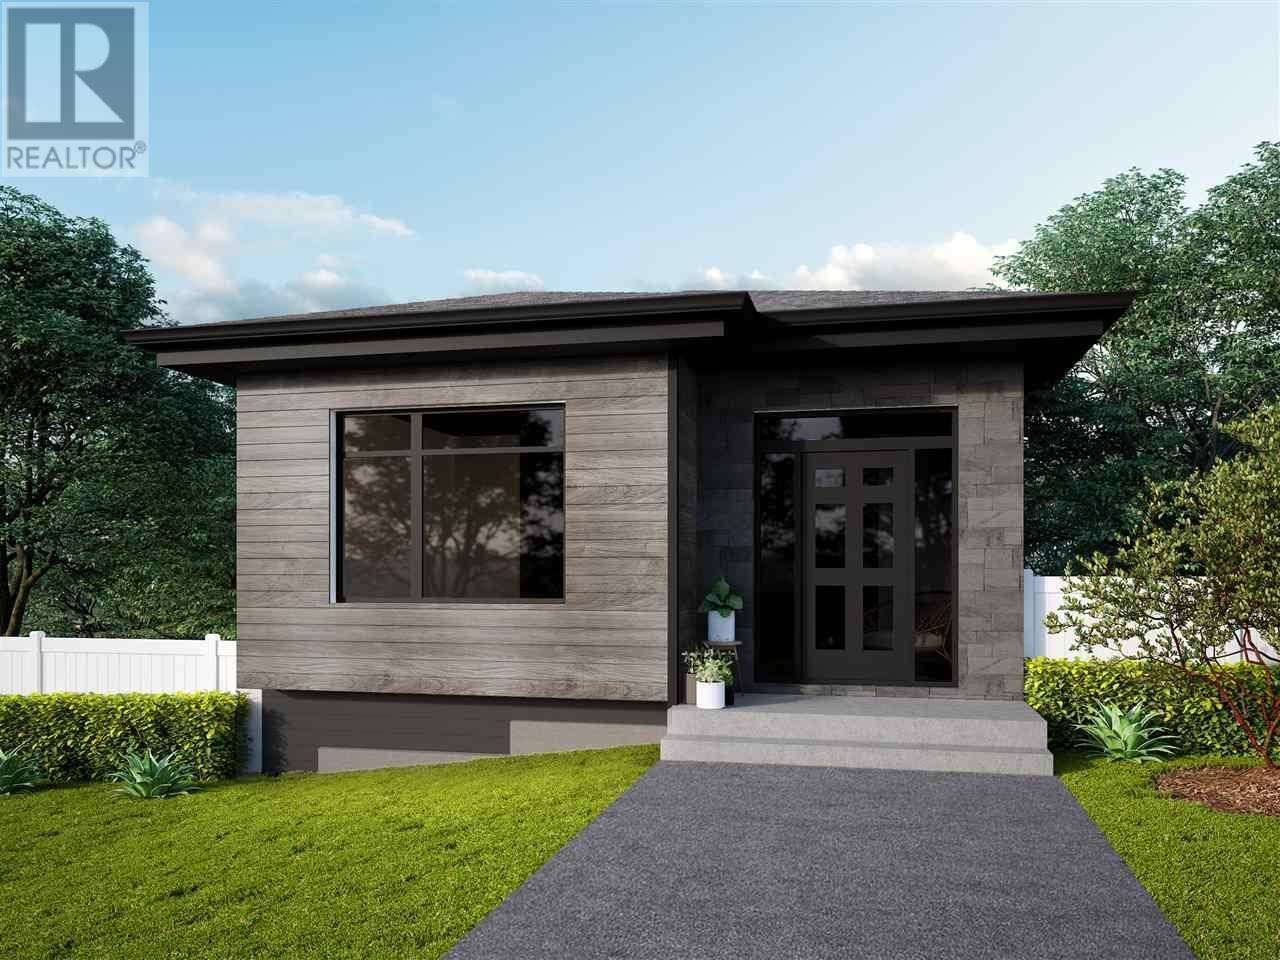 House for sale at 1 Thorngrove Ln Timberlea Nova Scotia - MLS: 202004600